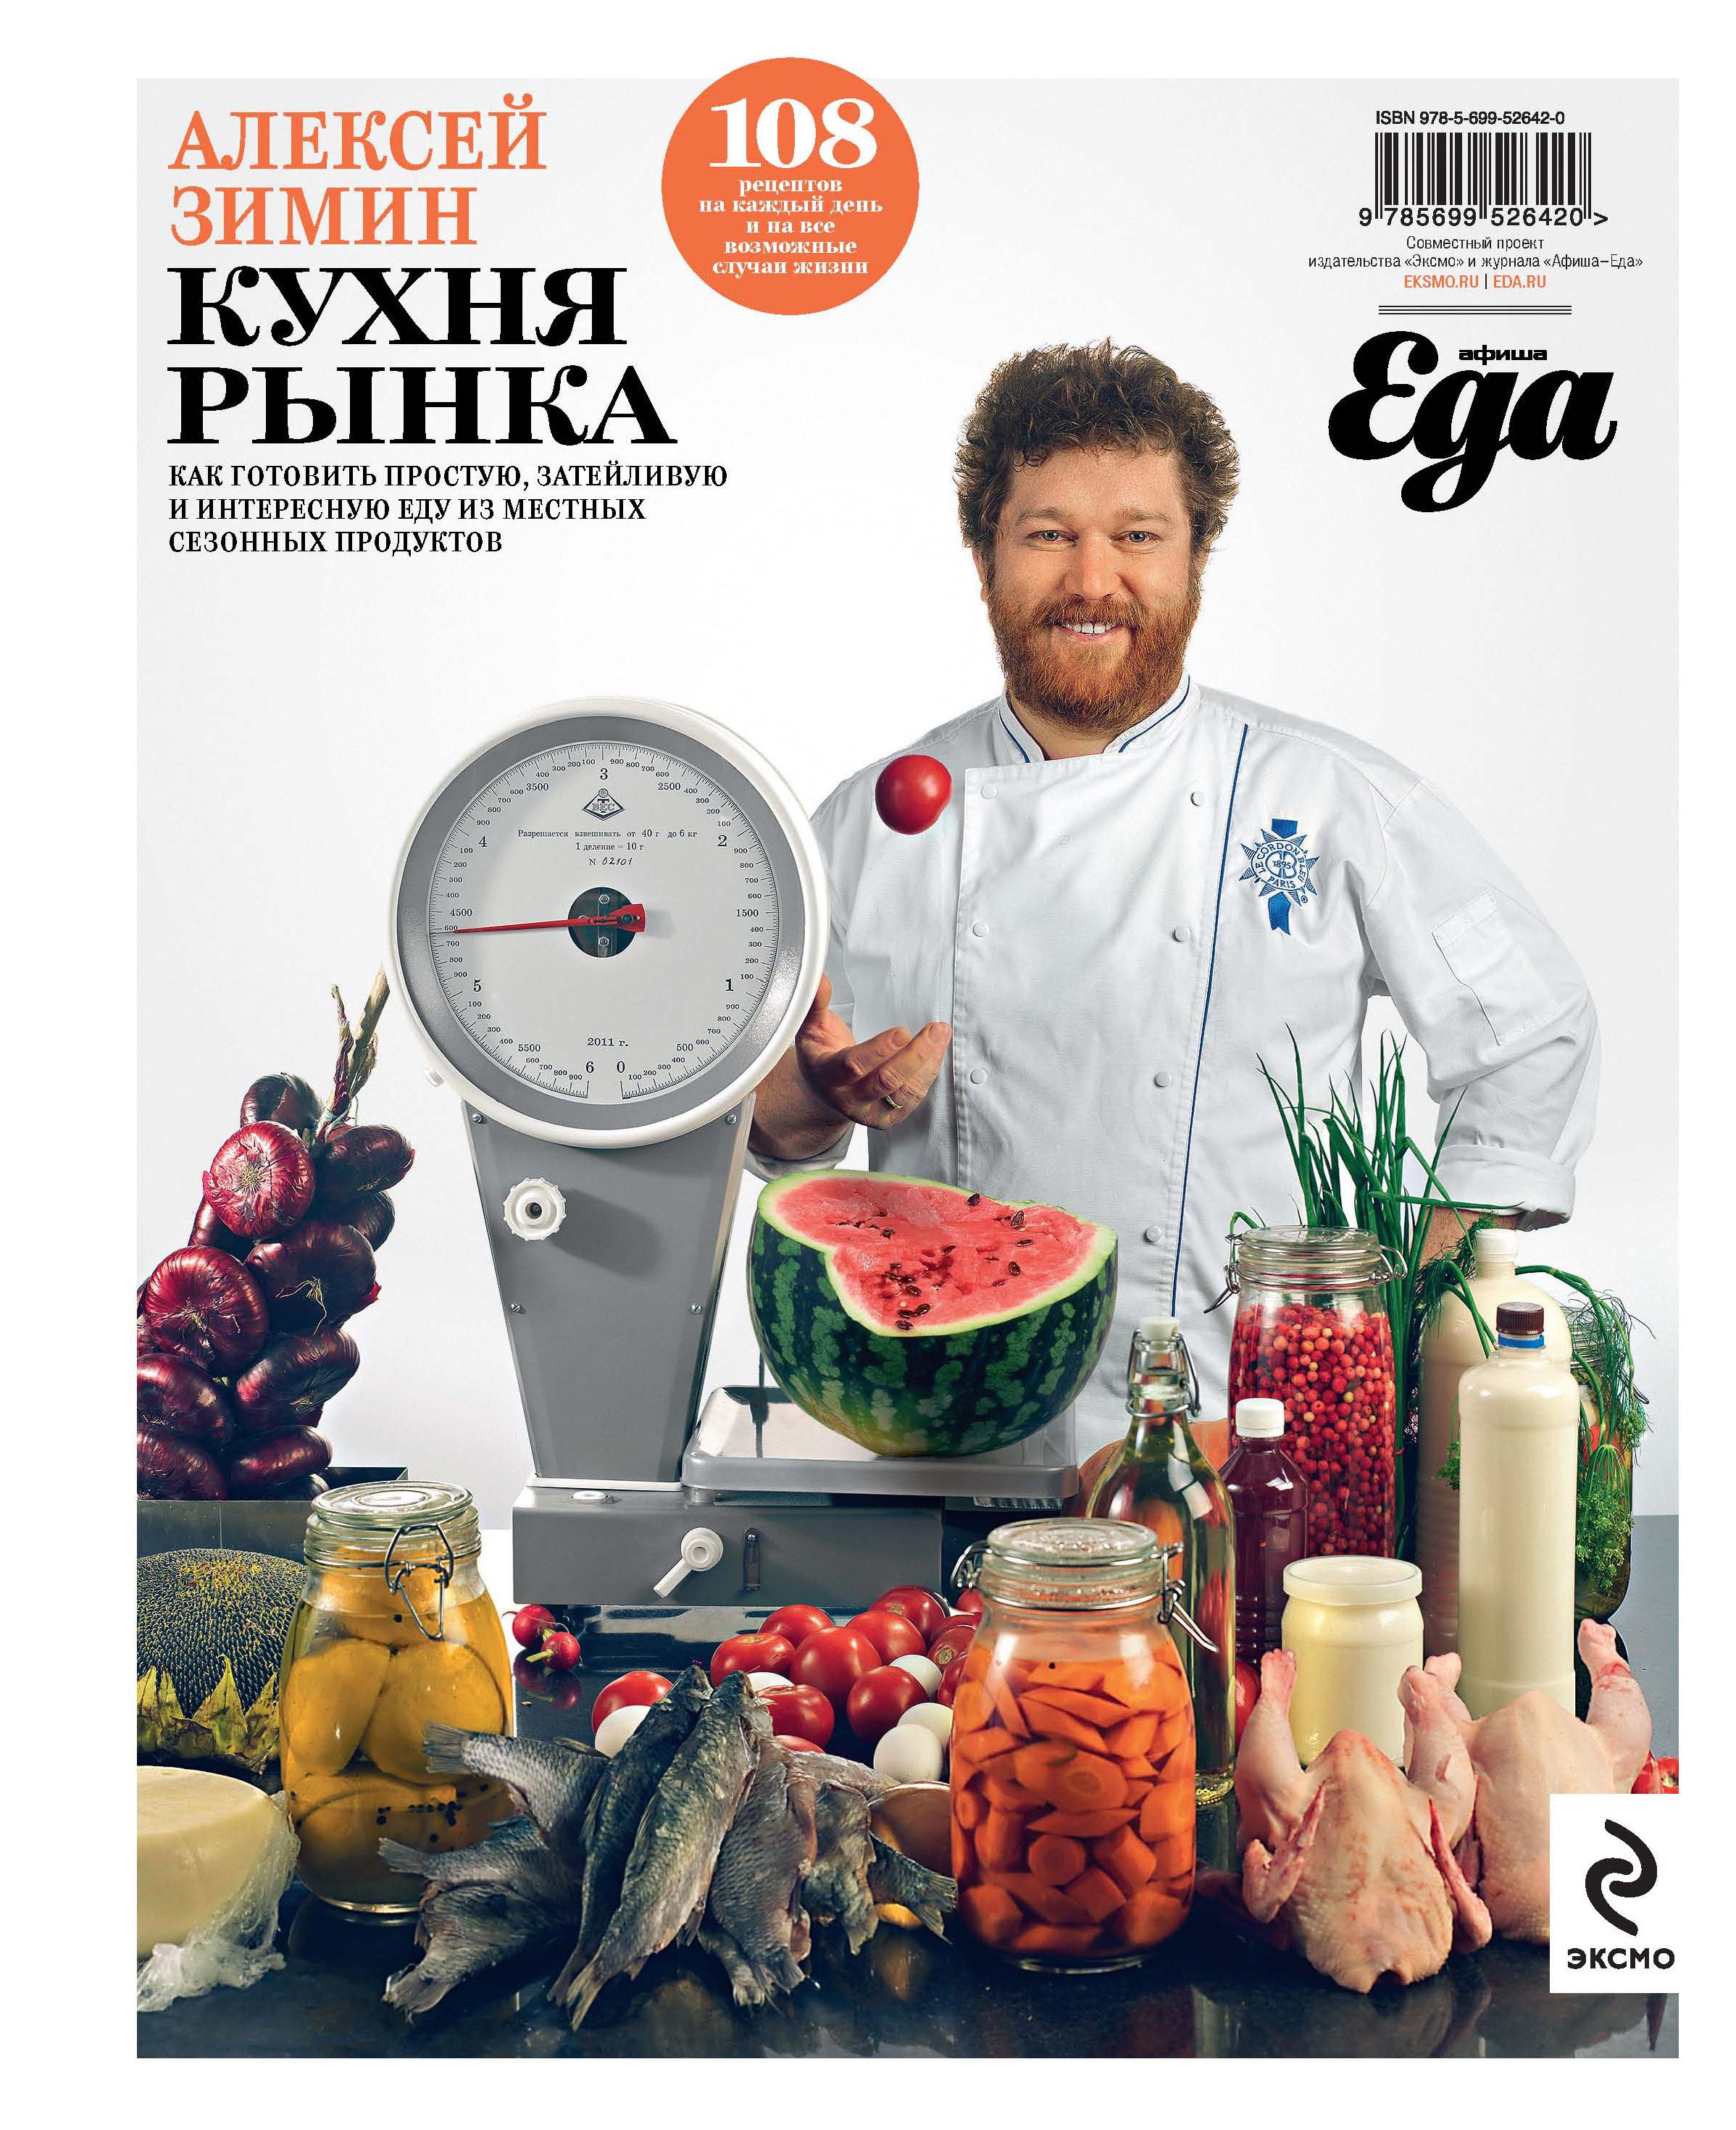 Зимин А.А. Кухня рынка на какую луна лучше сотовый в январе 2014